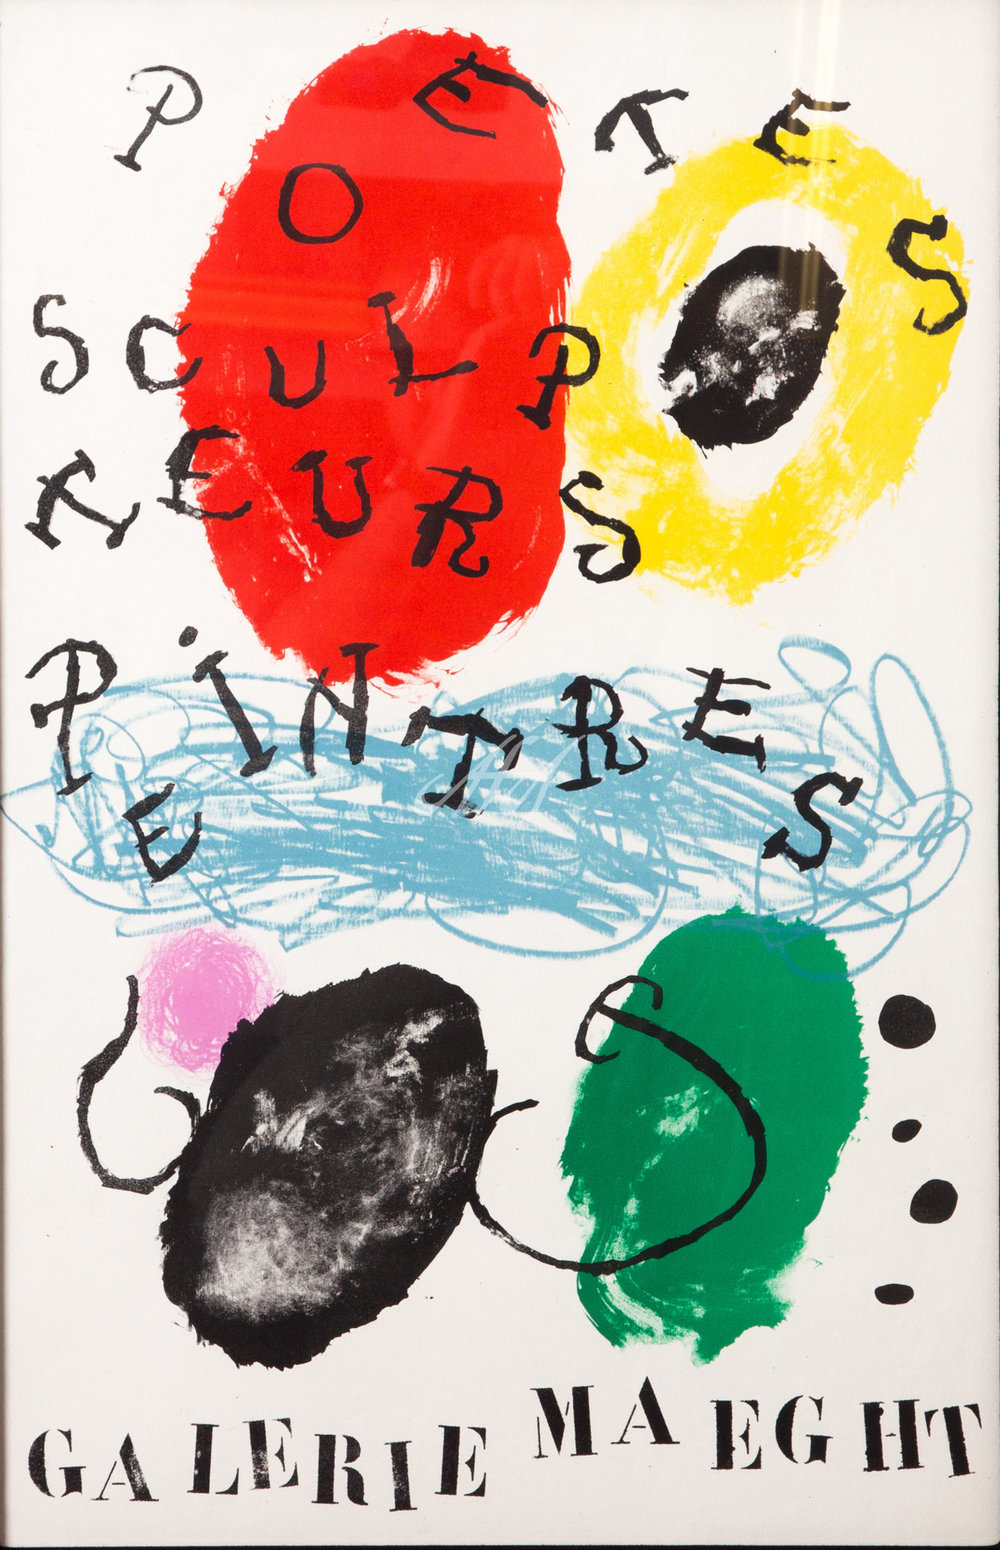 Joan_Miro_Galerie_Maeght1 LoRes watermark.jpg